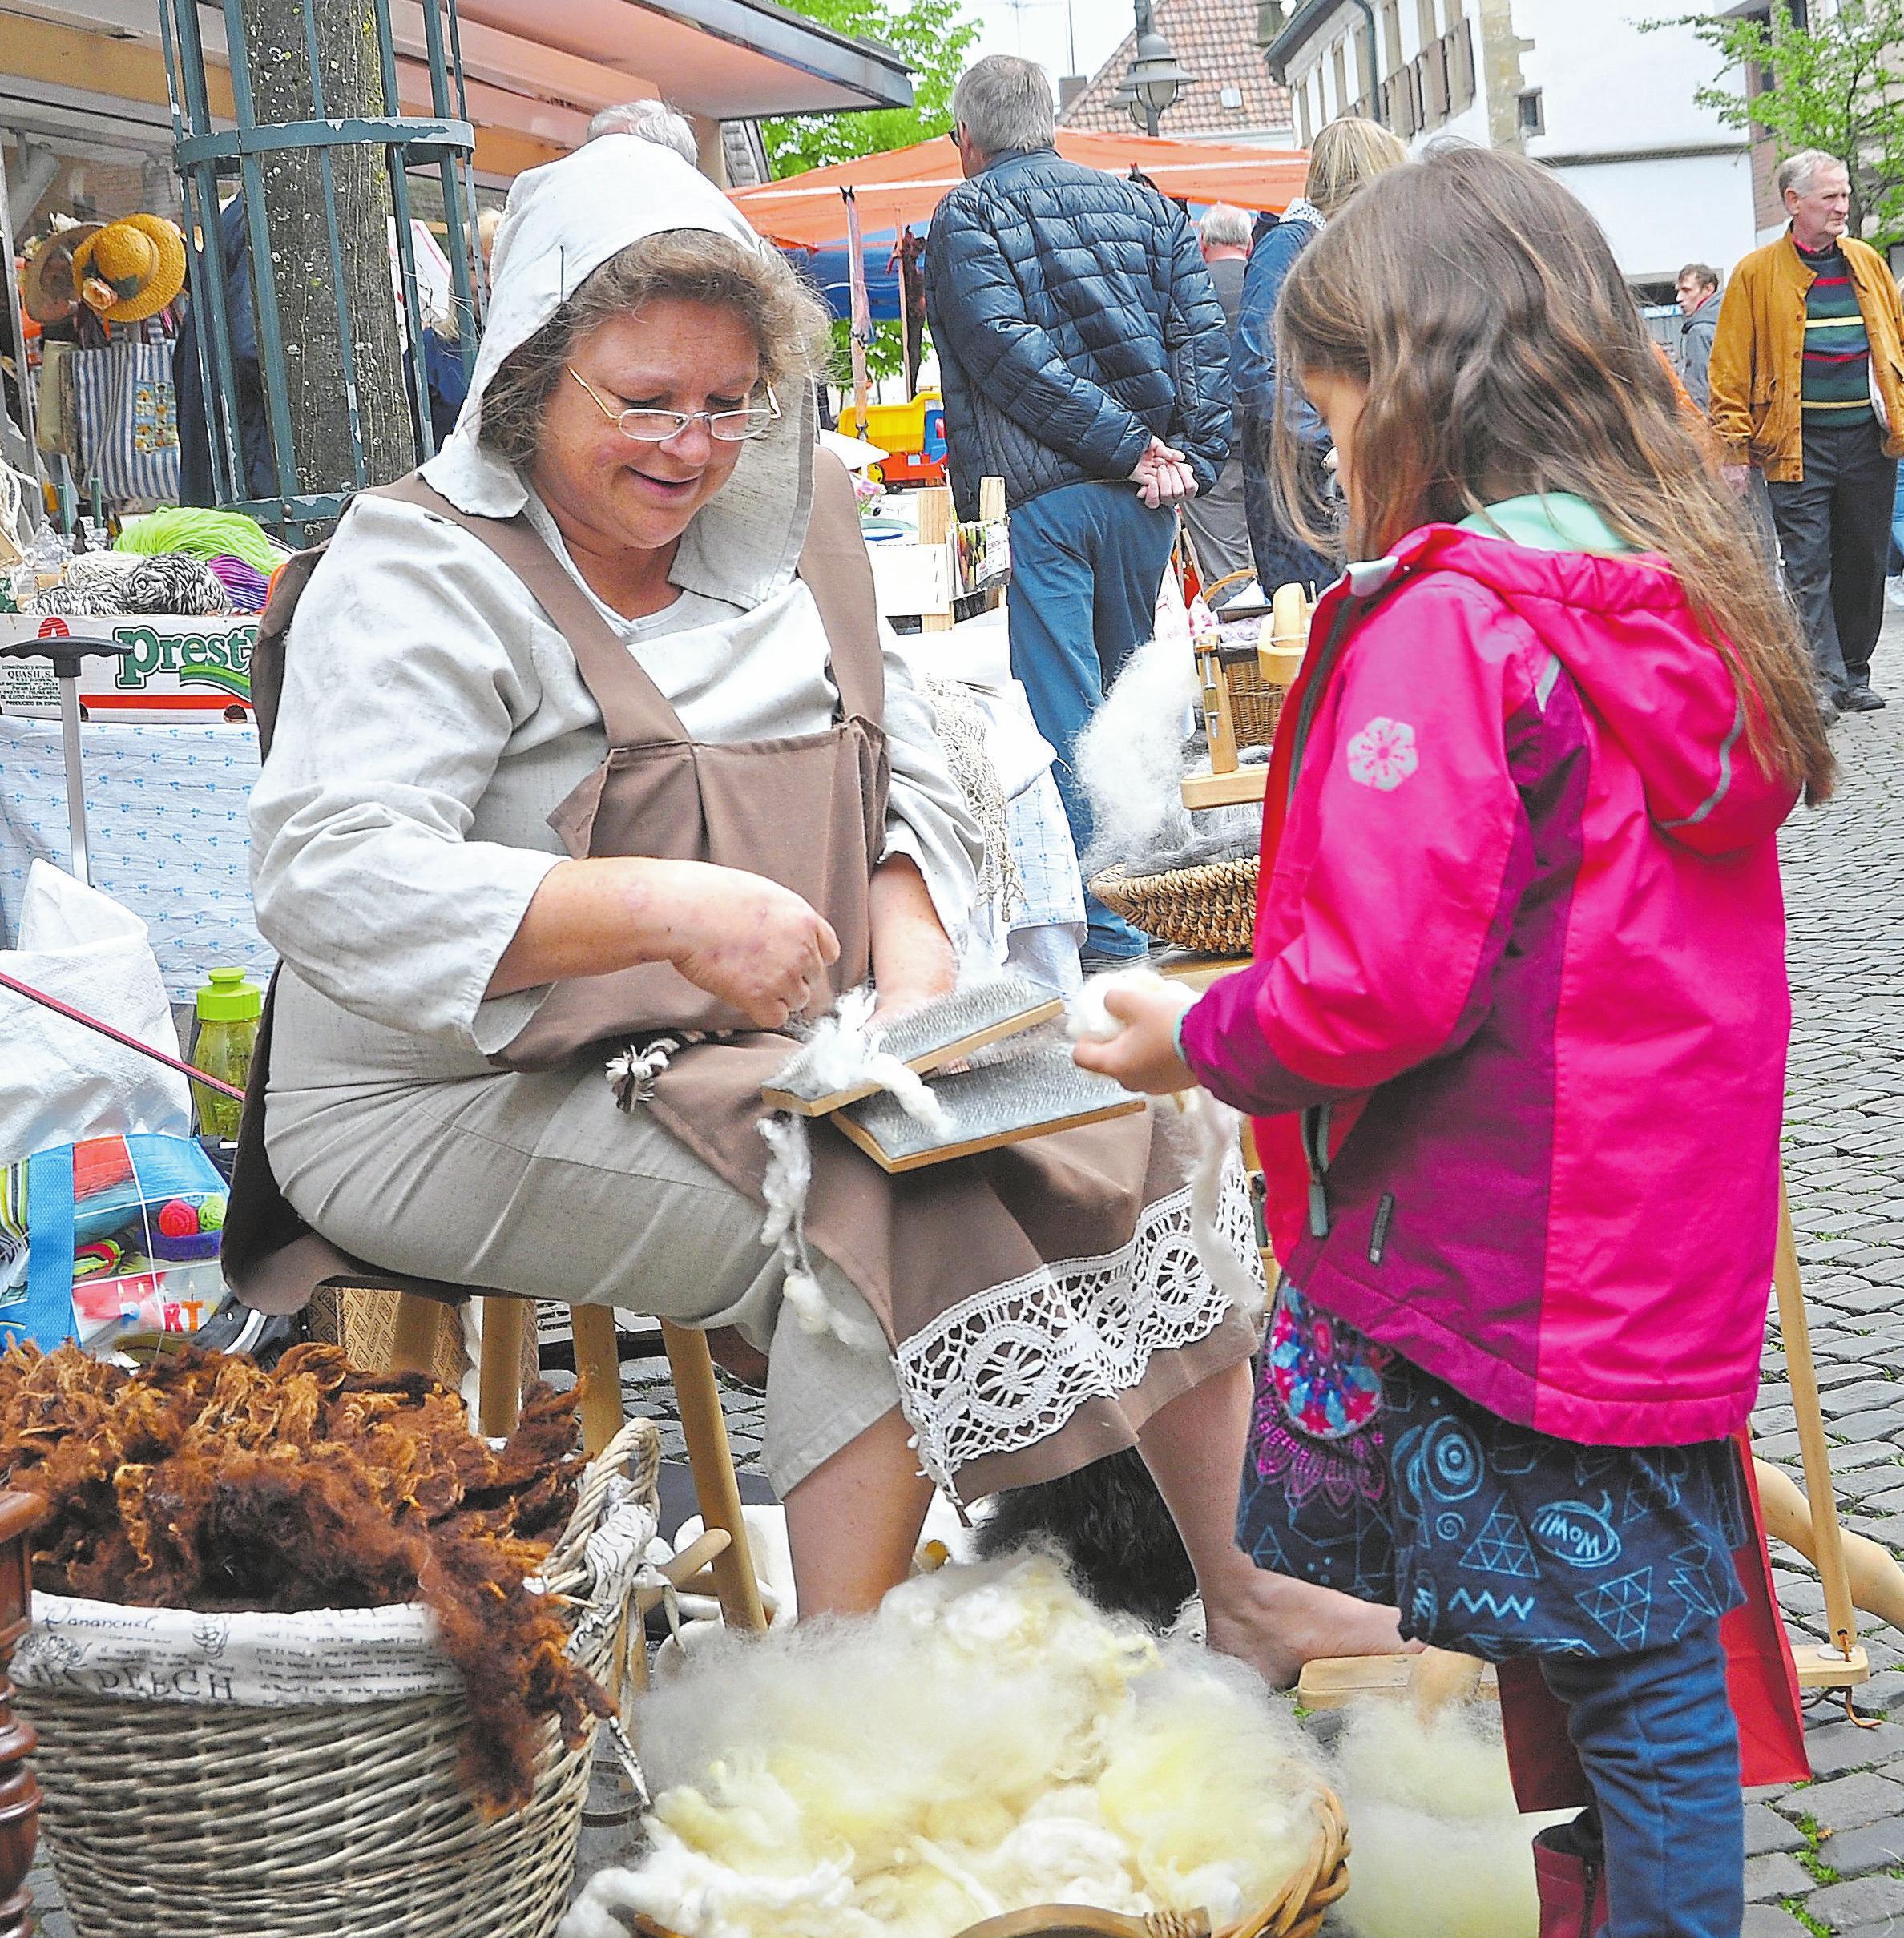 Vor allem die jüngeren Besucher geraten beim Anblick der historischen Handwerkstechniken oft ins Staunen. Foto: Bernd Schäfer